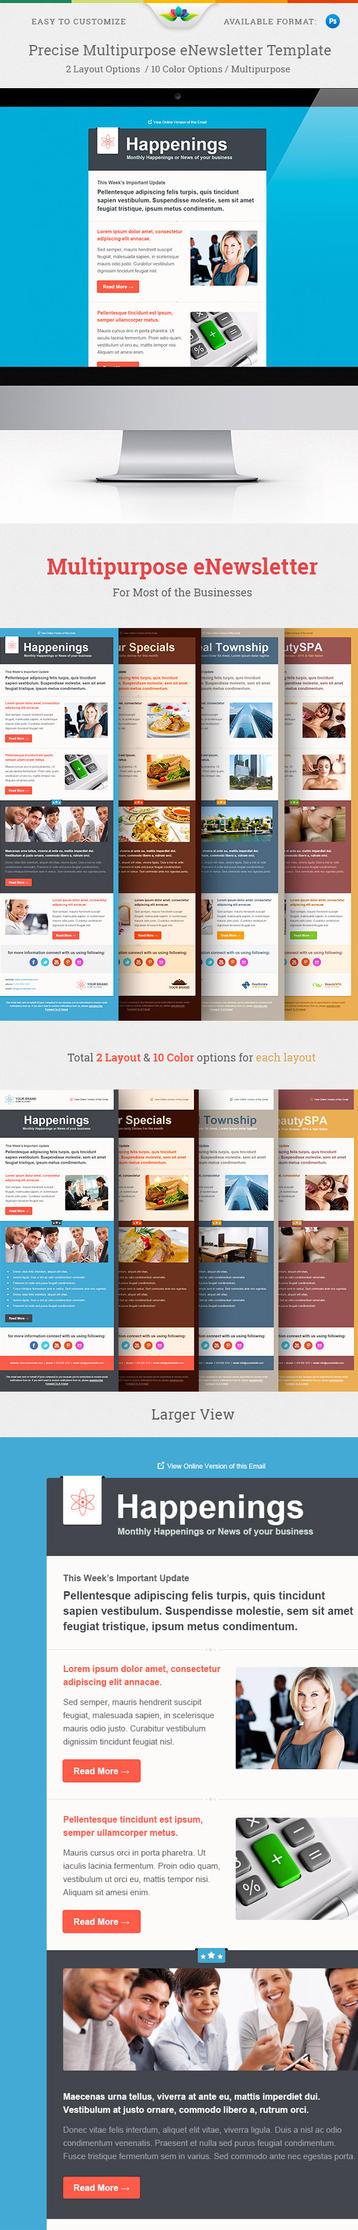 Precise Multipurpose E-newsletter Template by Saptarang